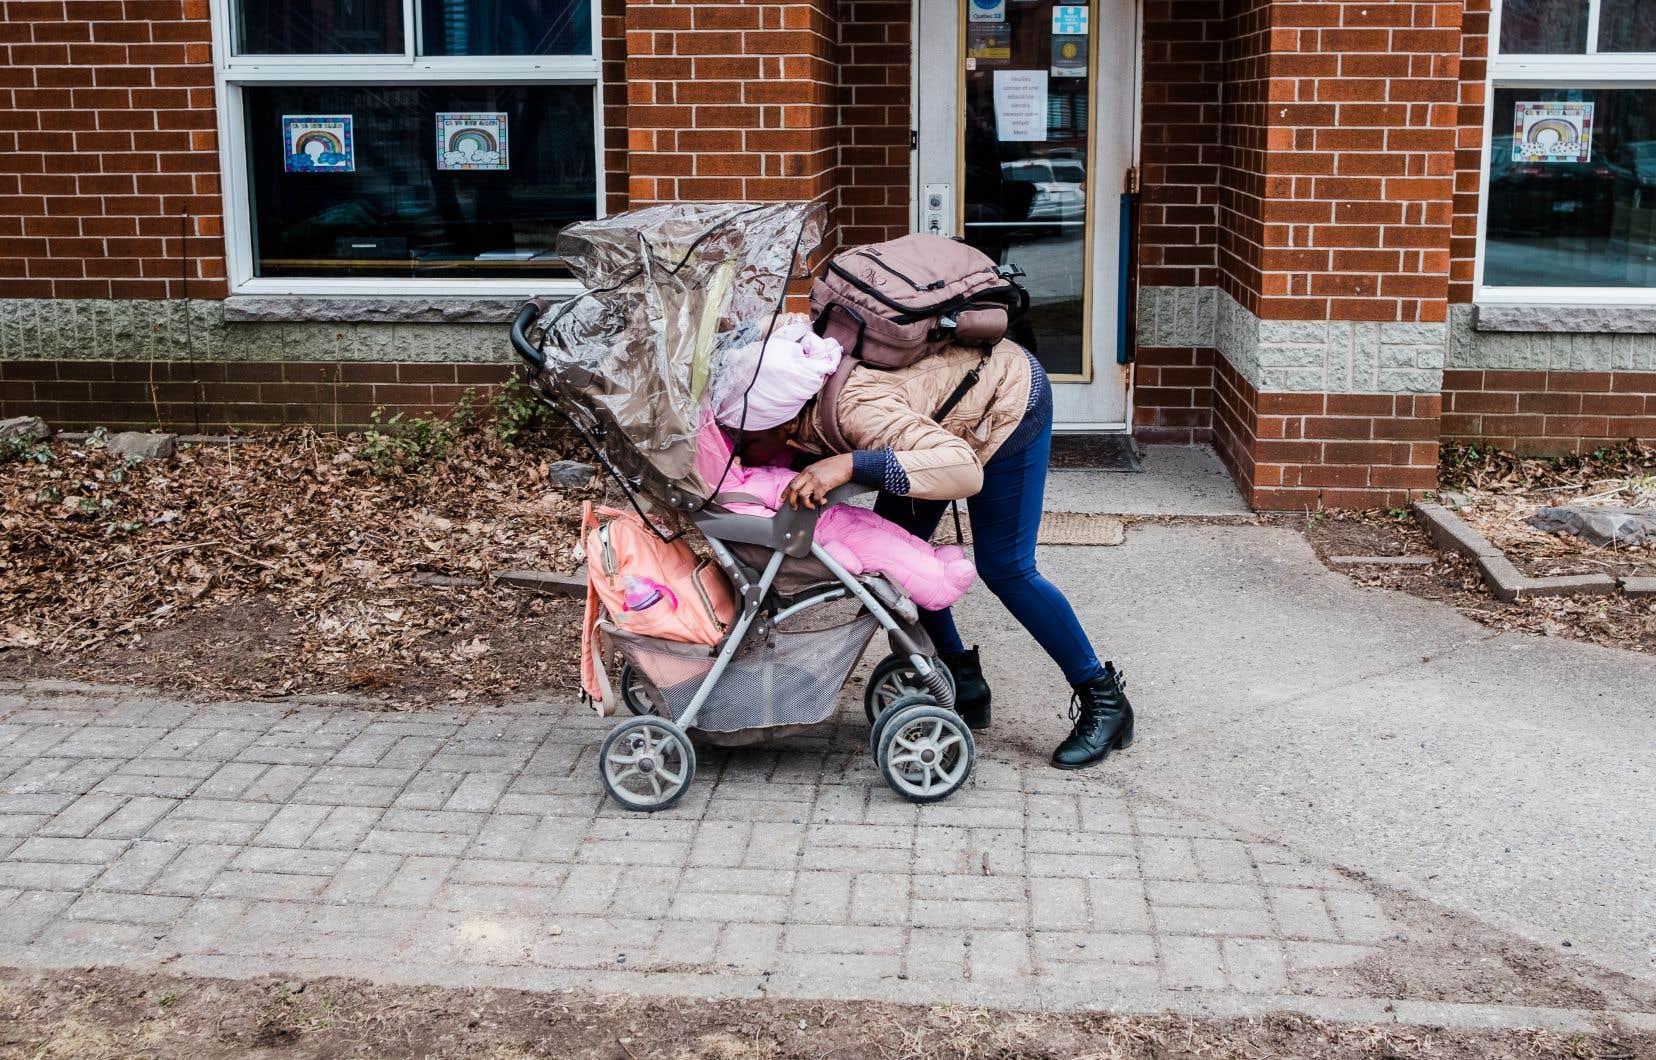 Le Québec n'est pas actuellement prêt pour répondre adéquatement aux besoins atypiques de ces nombreuses familles.